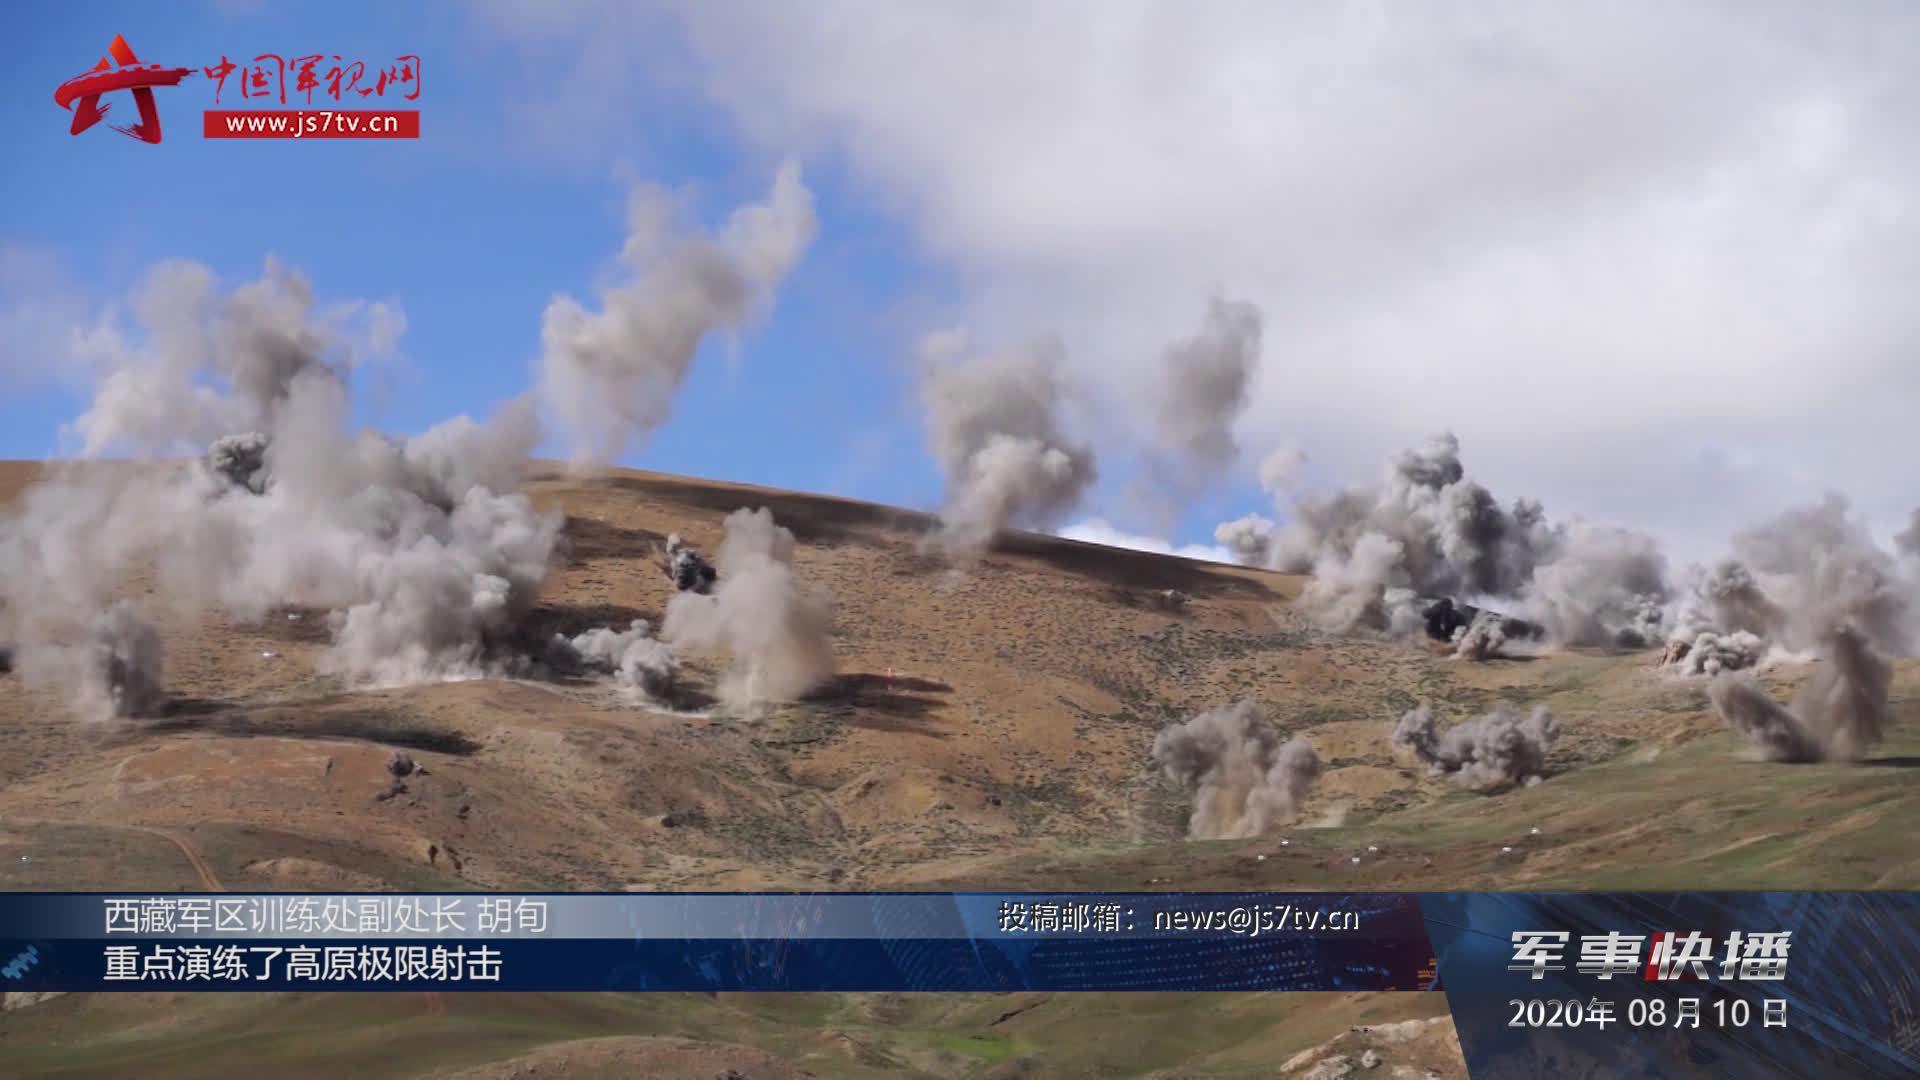 高原极限射击!西藏军区某部组织多兵种多火器协同打击演练